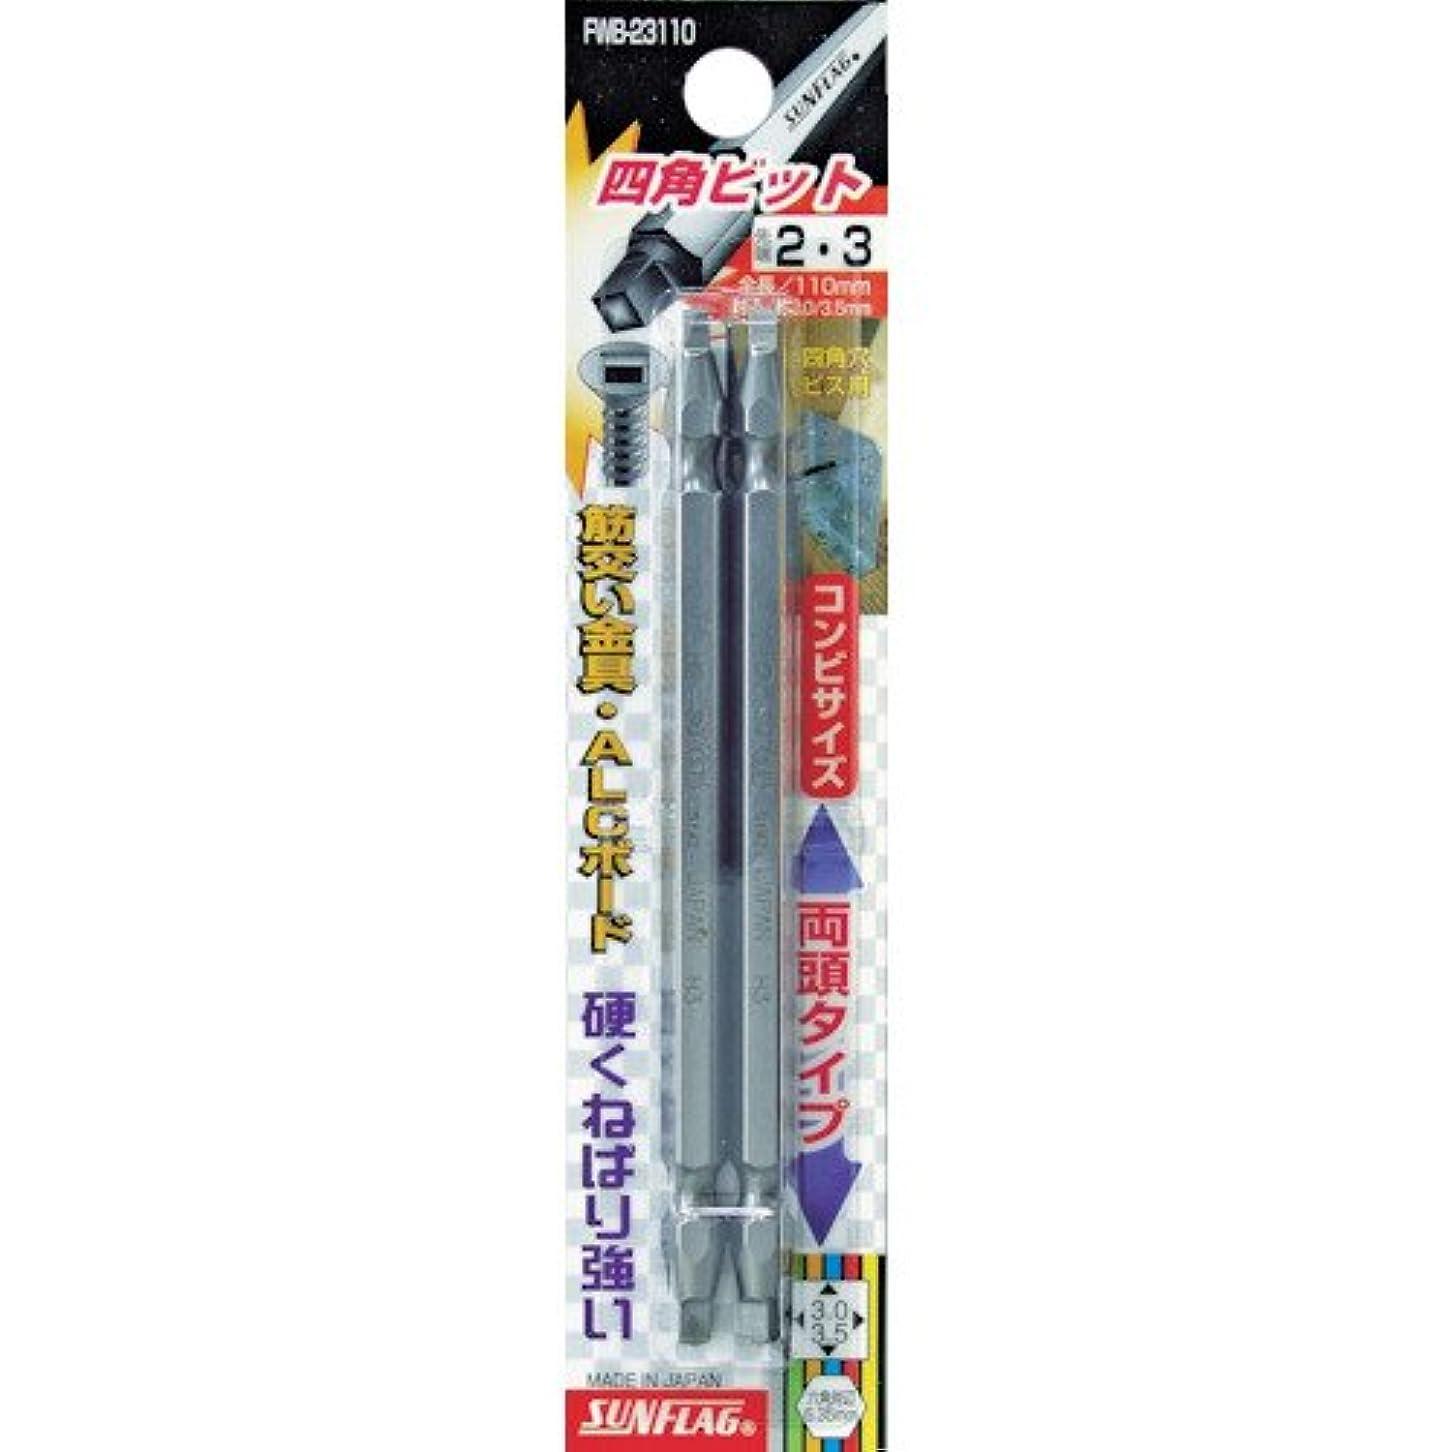 シェルブレス湿度サンフラッグ(SUNFRAG) 四角ビット 2本組 ■#2×#3×110 FWB-23110